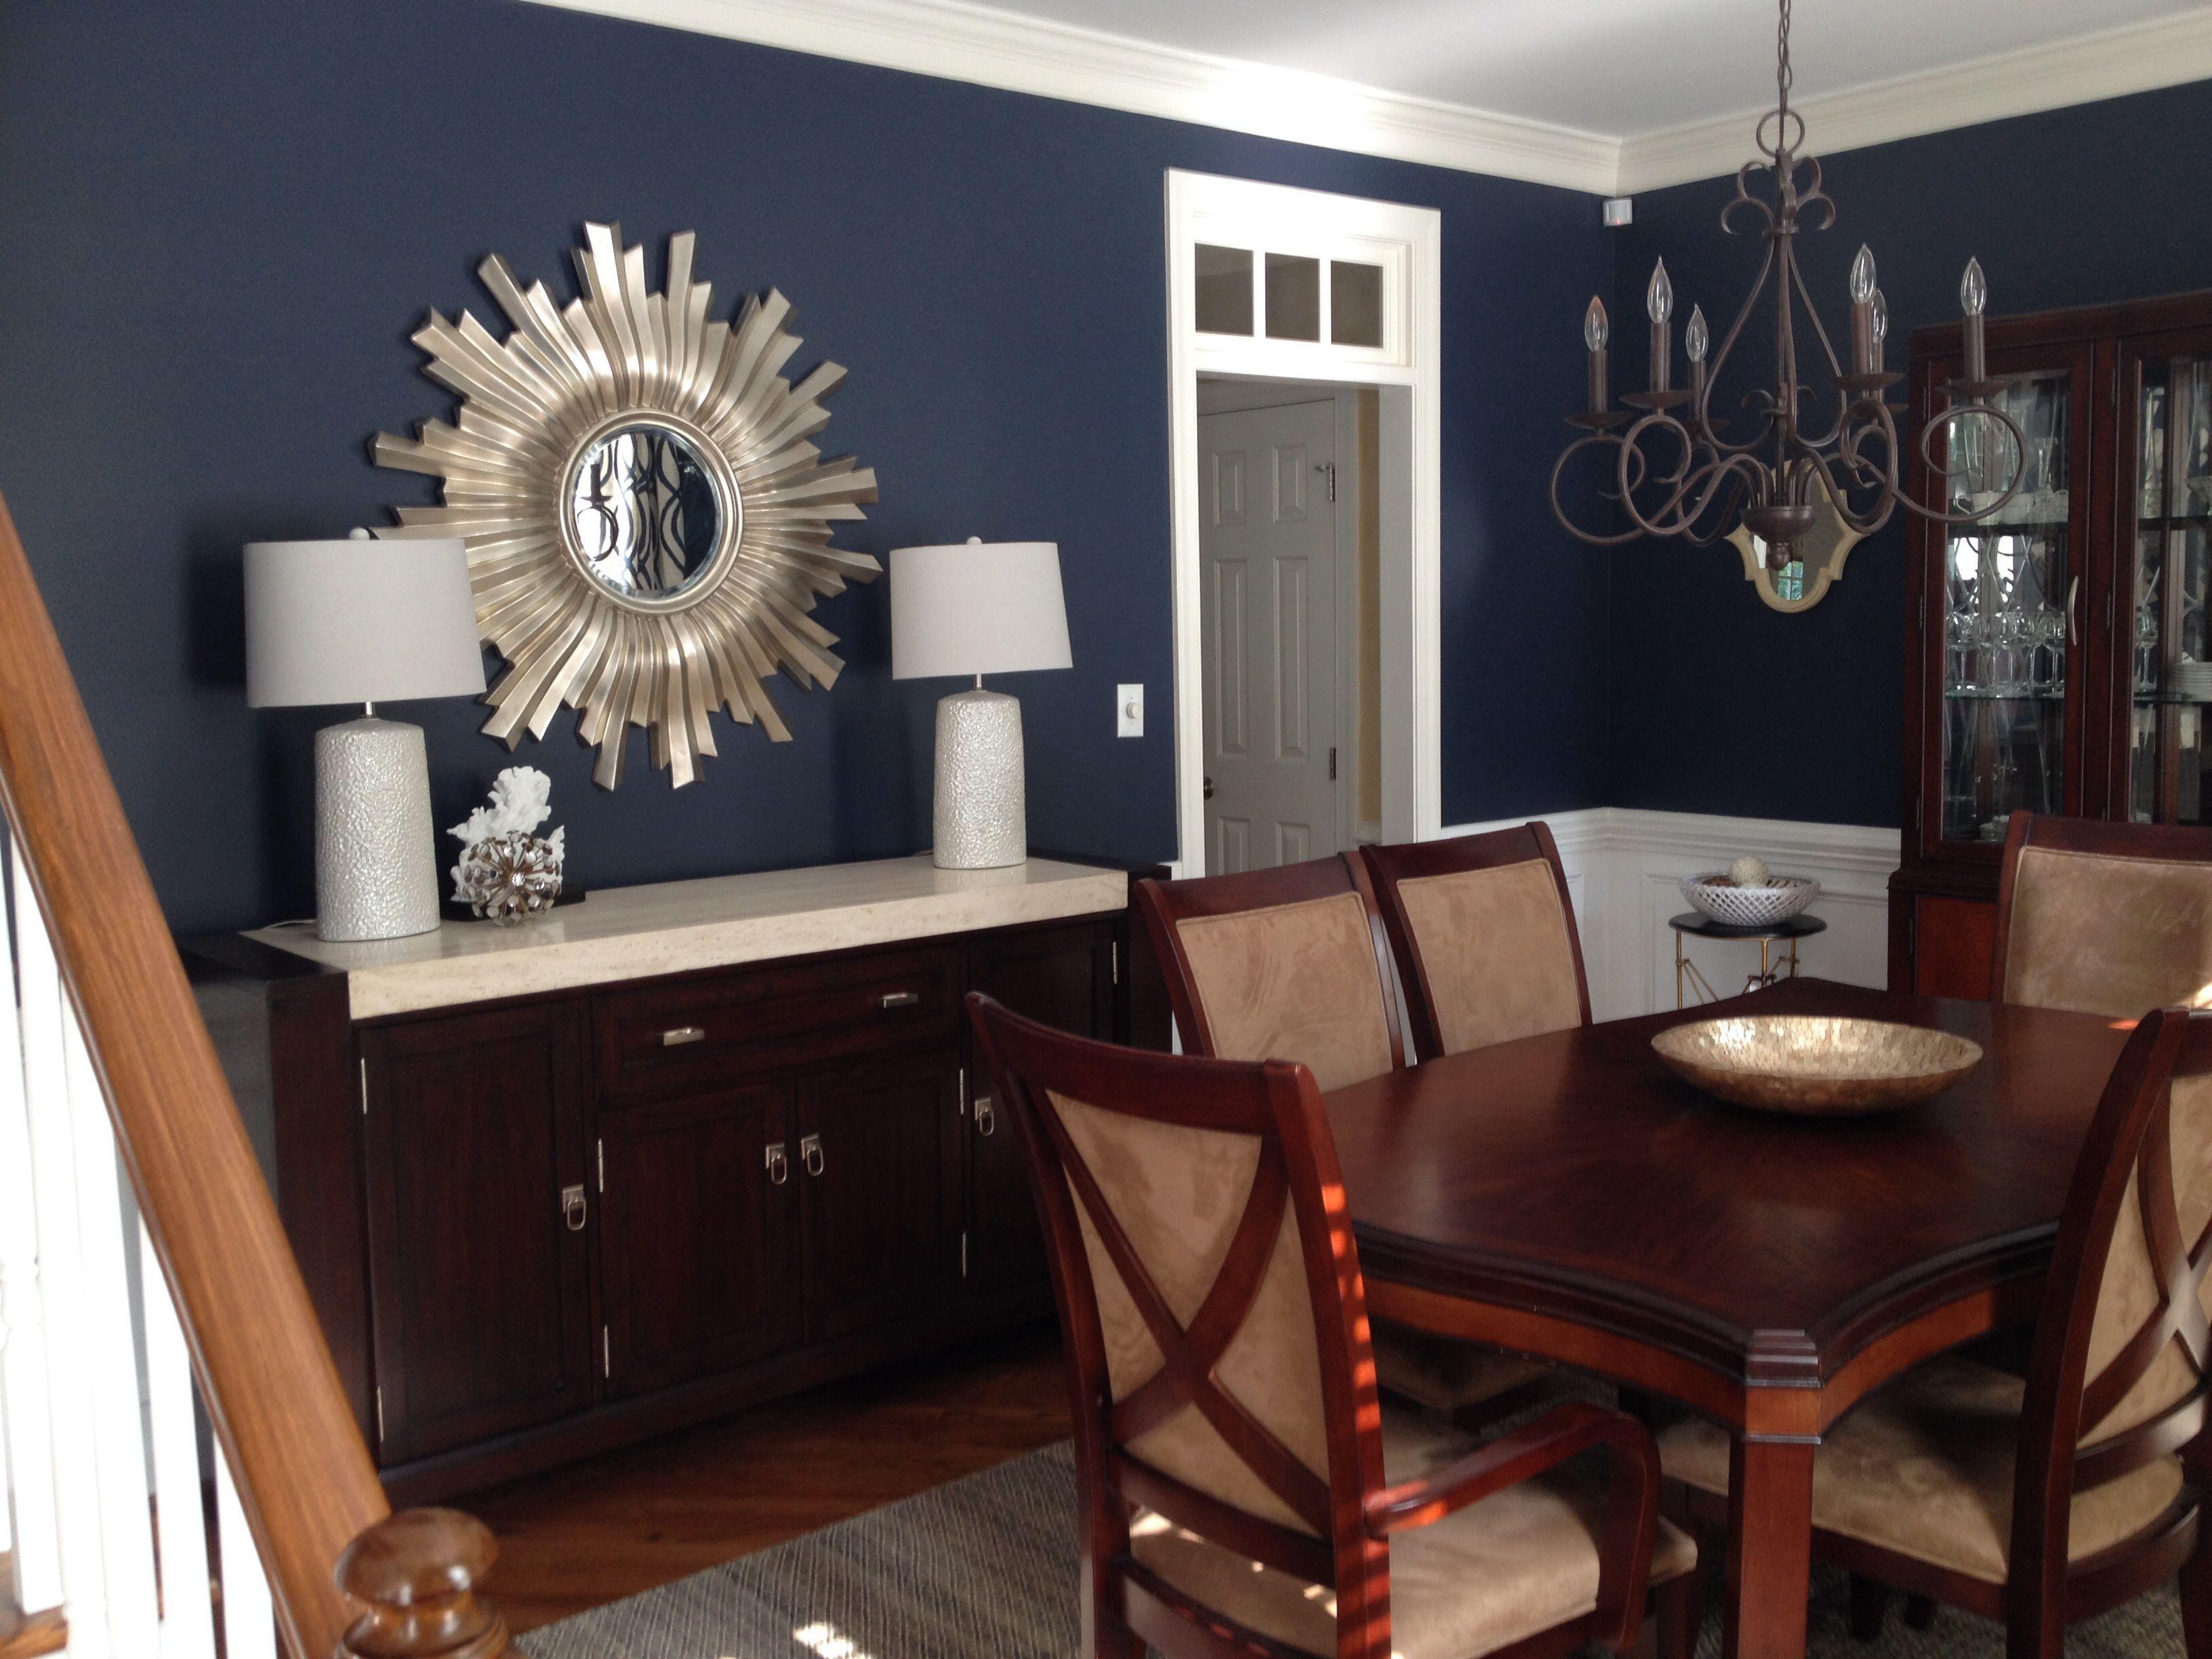 Pin lisääjältä Jessica Reilly taulussa Kelly\u0027s Dining Room | Pinterest